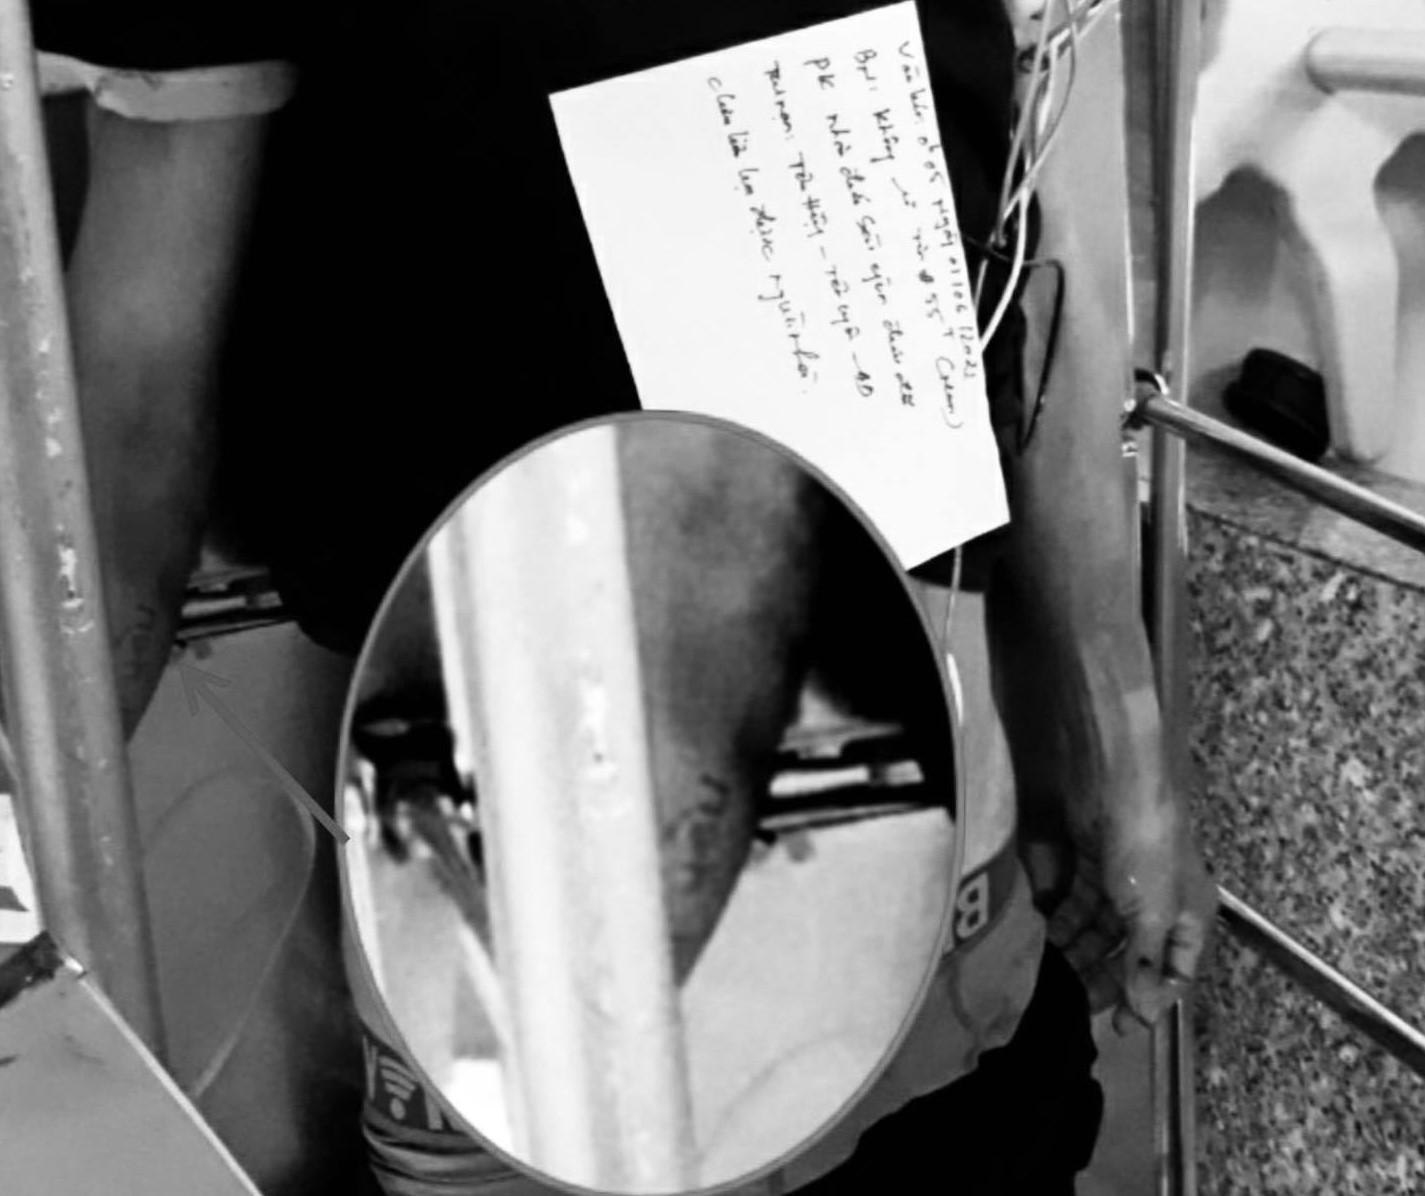 Trên tay nạn nhân có xăm chữ 'Vợ yêu'đúng với thông tin mà người thân cung cấp